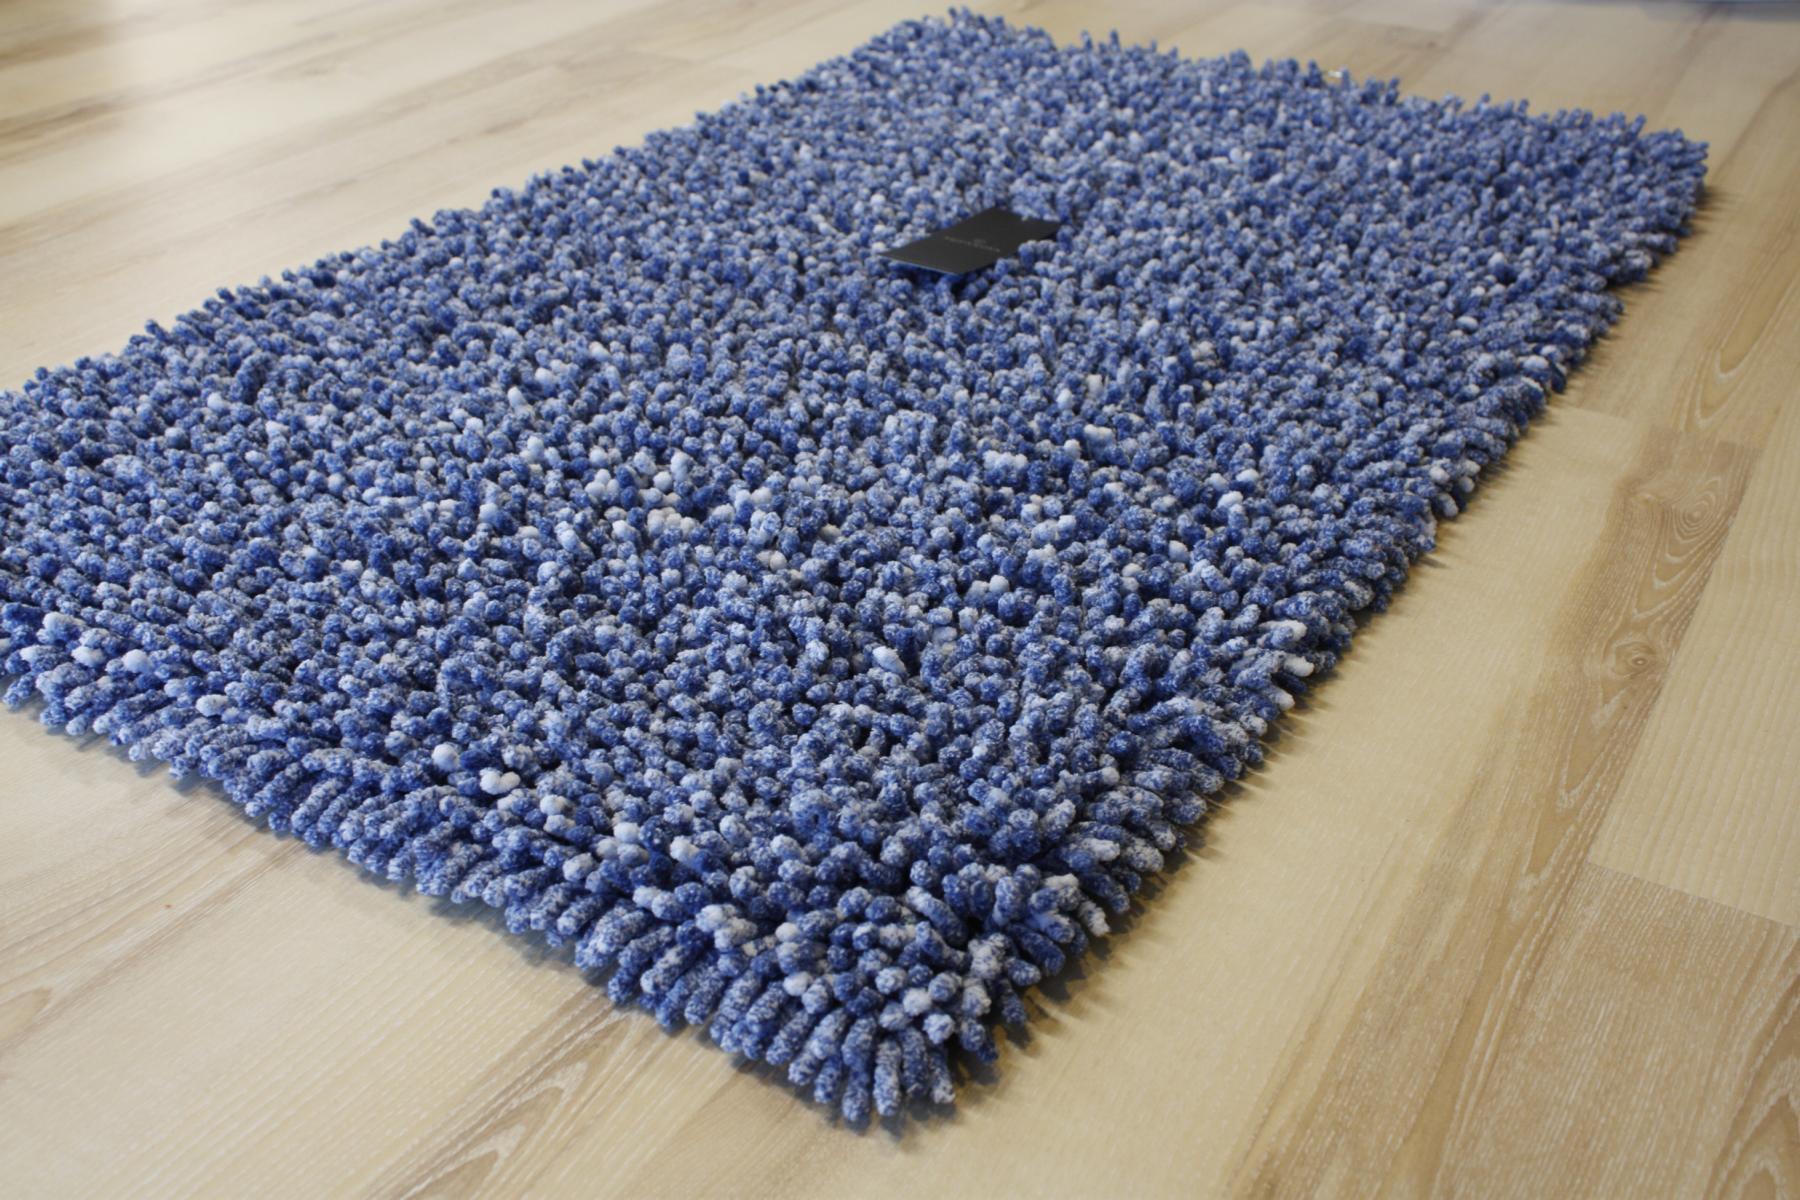 Bathroom Rug Aquanova Elvira 76 Denim Blue 70x120cm  eBay